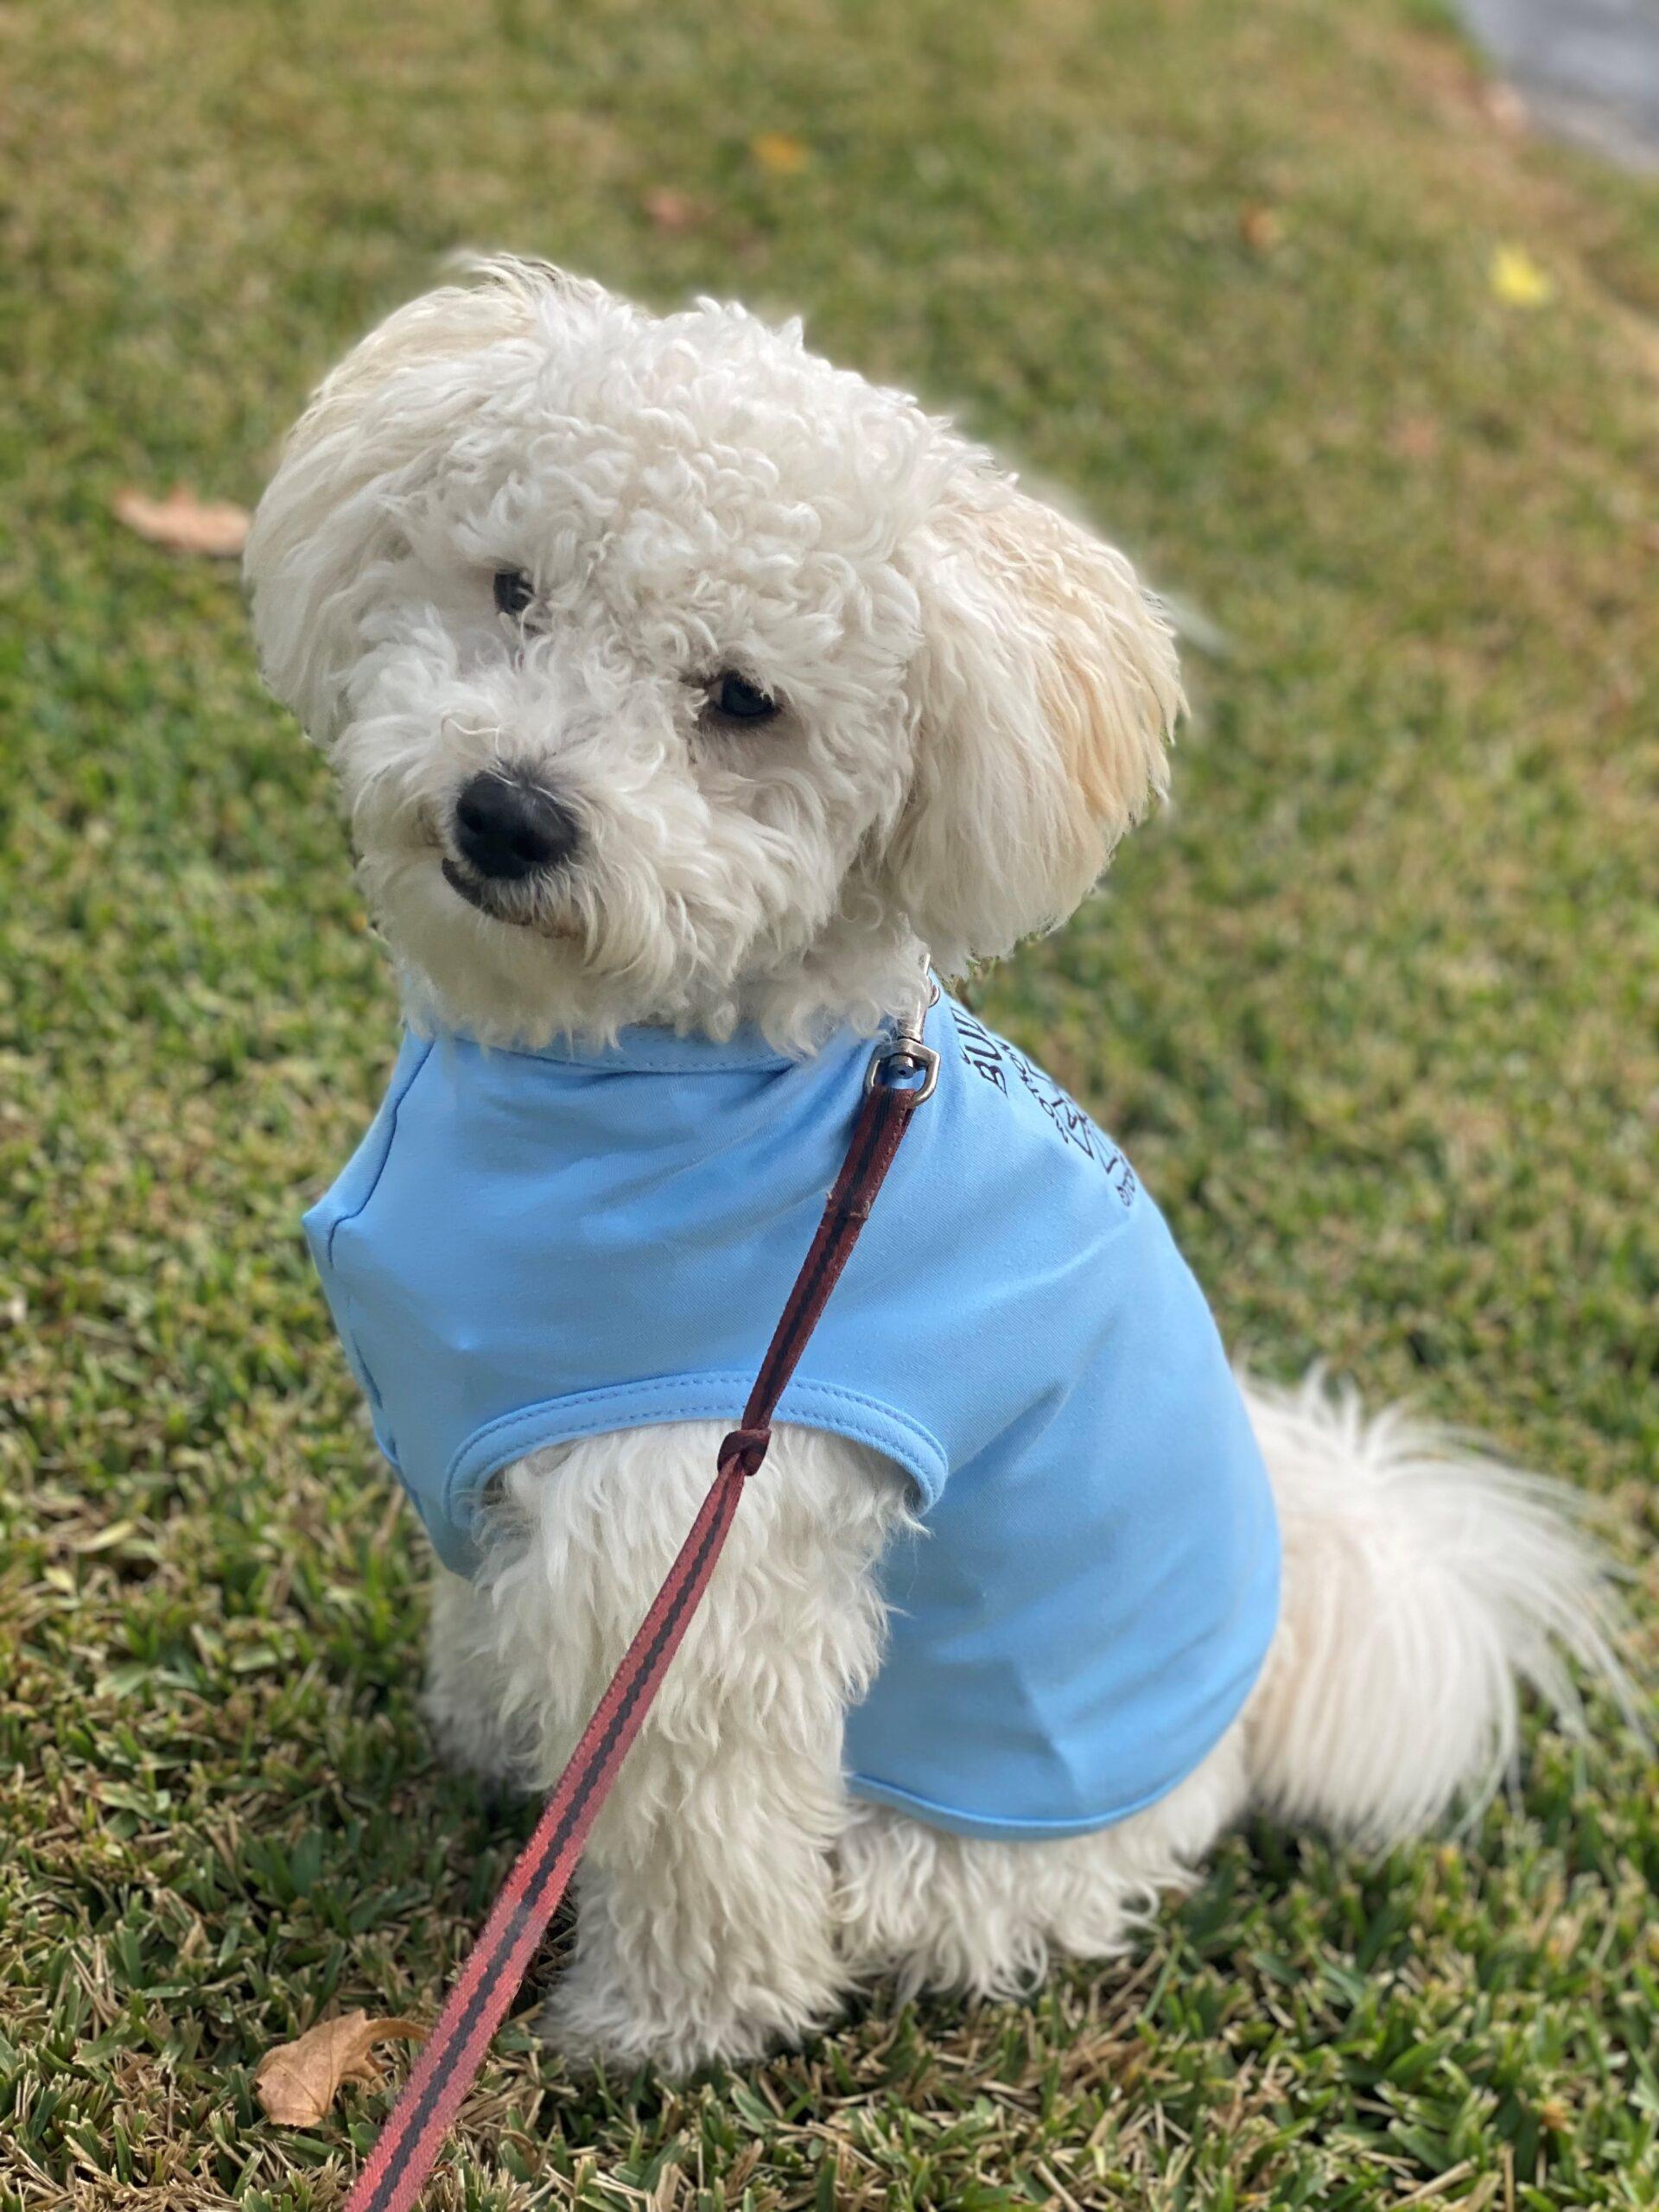 Doggy Union Buddy T-shirts